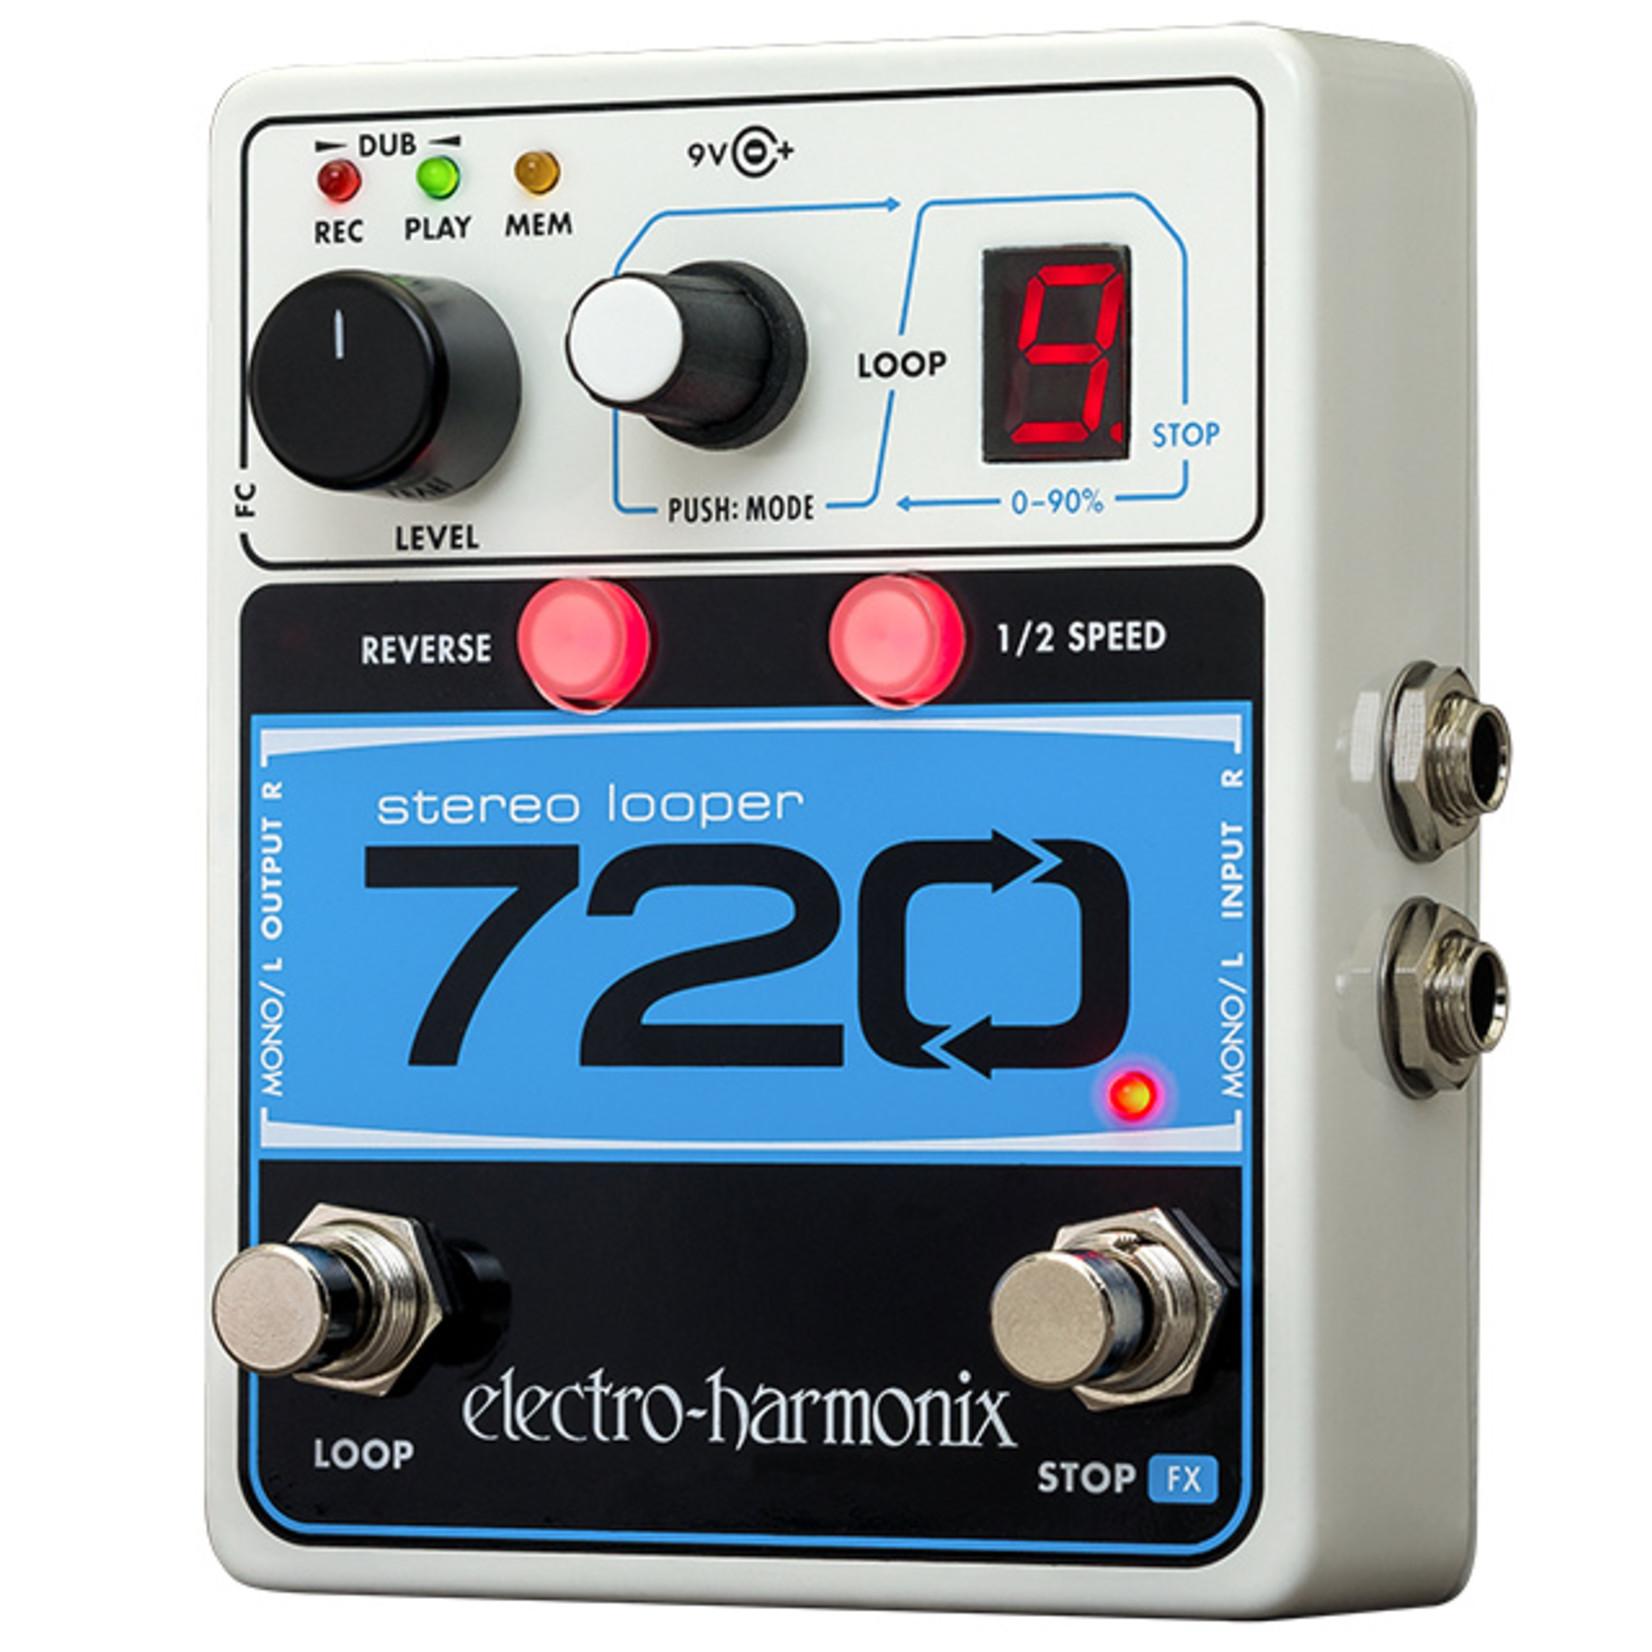 Electro Harmonix Electro Harmonix 720 Stereo Looper